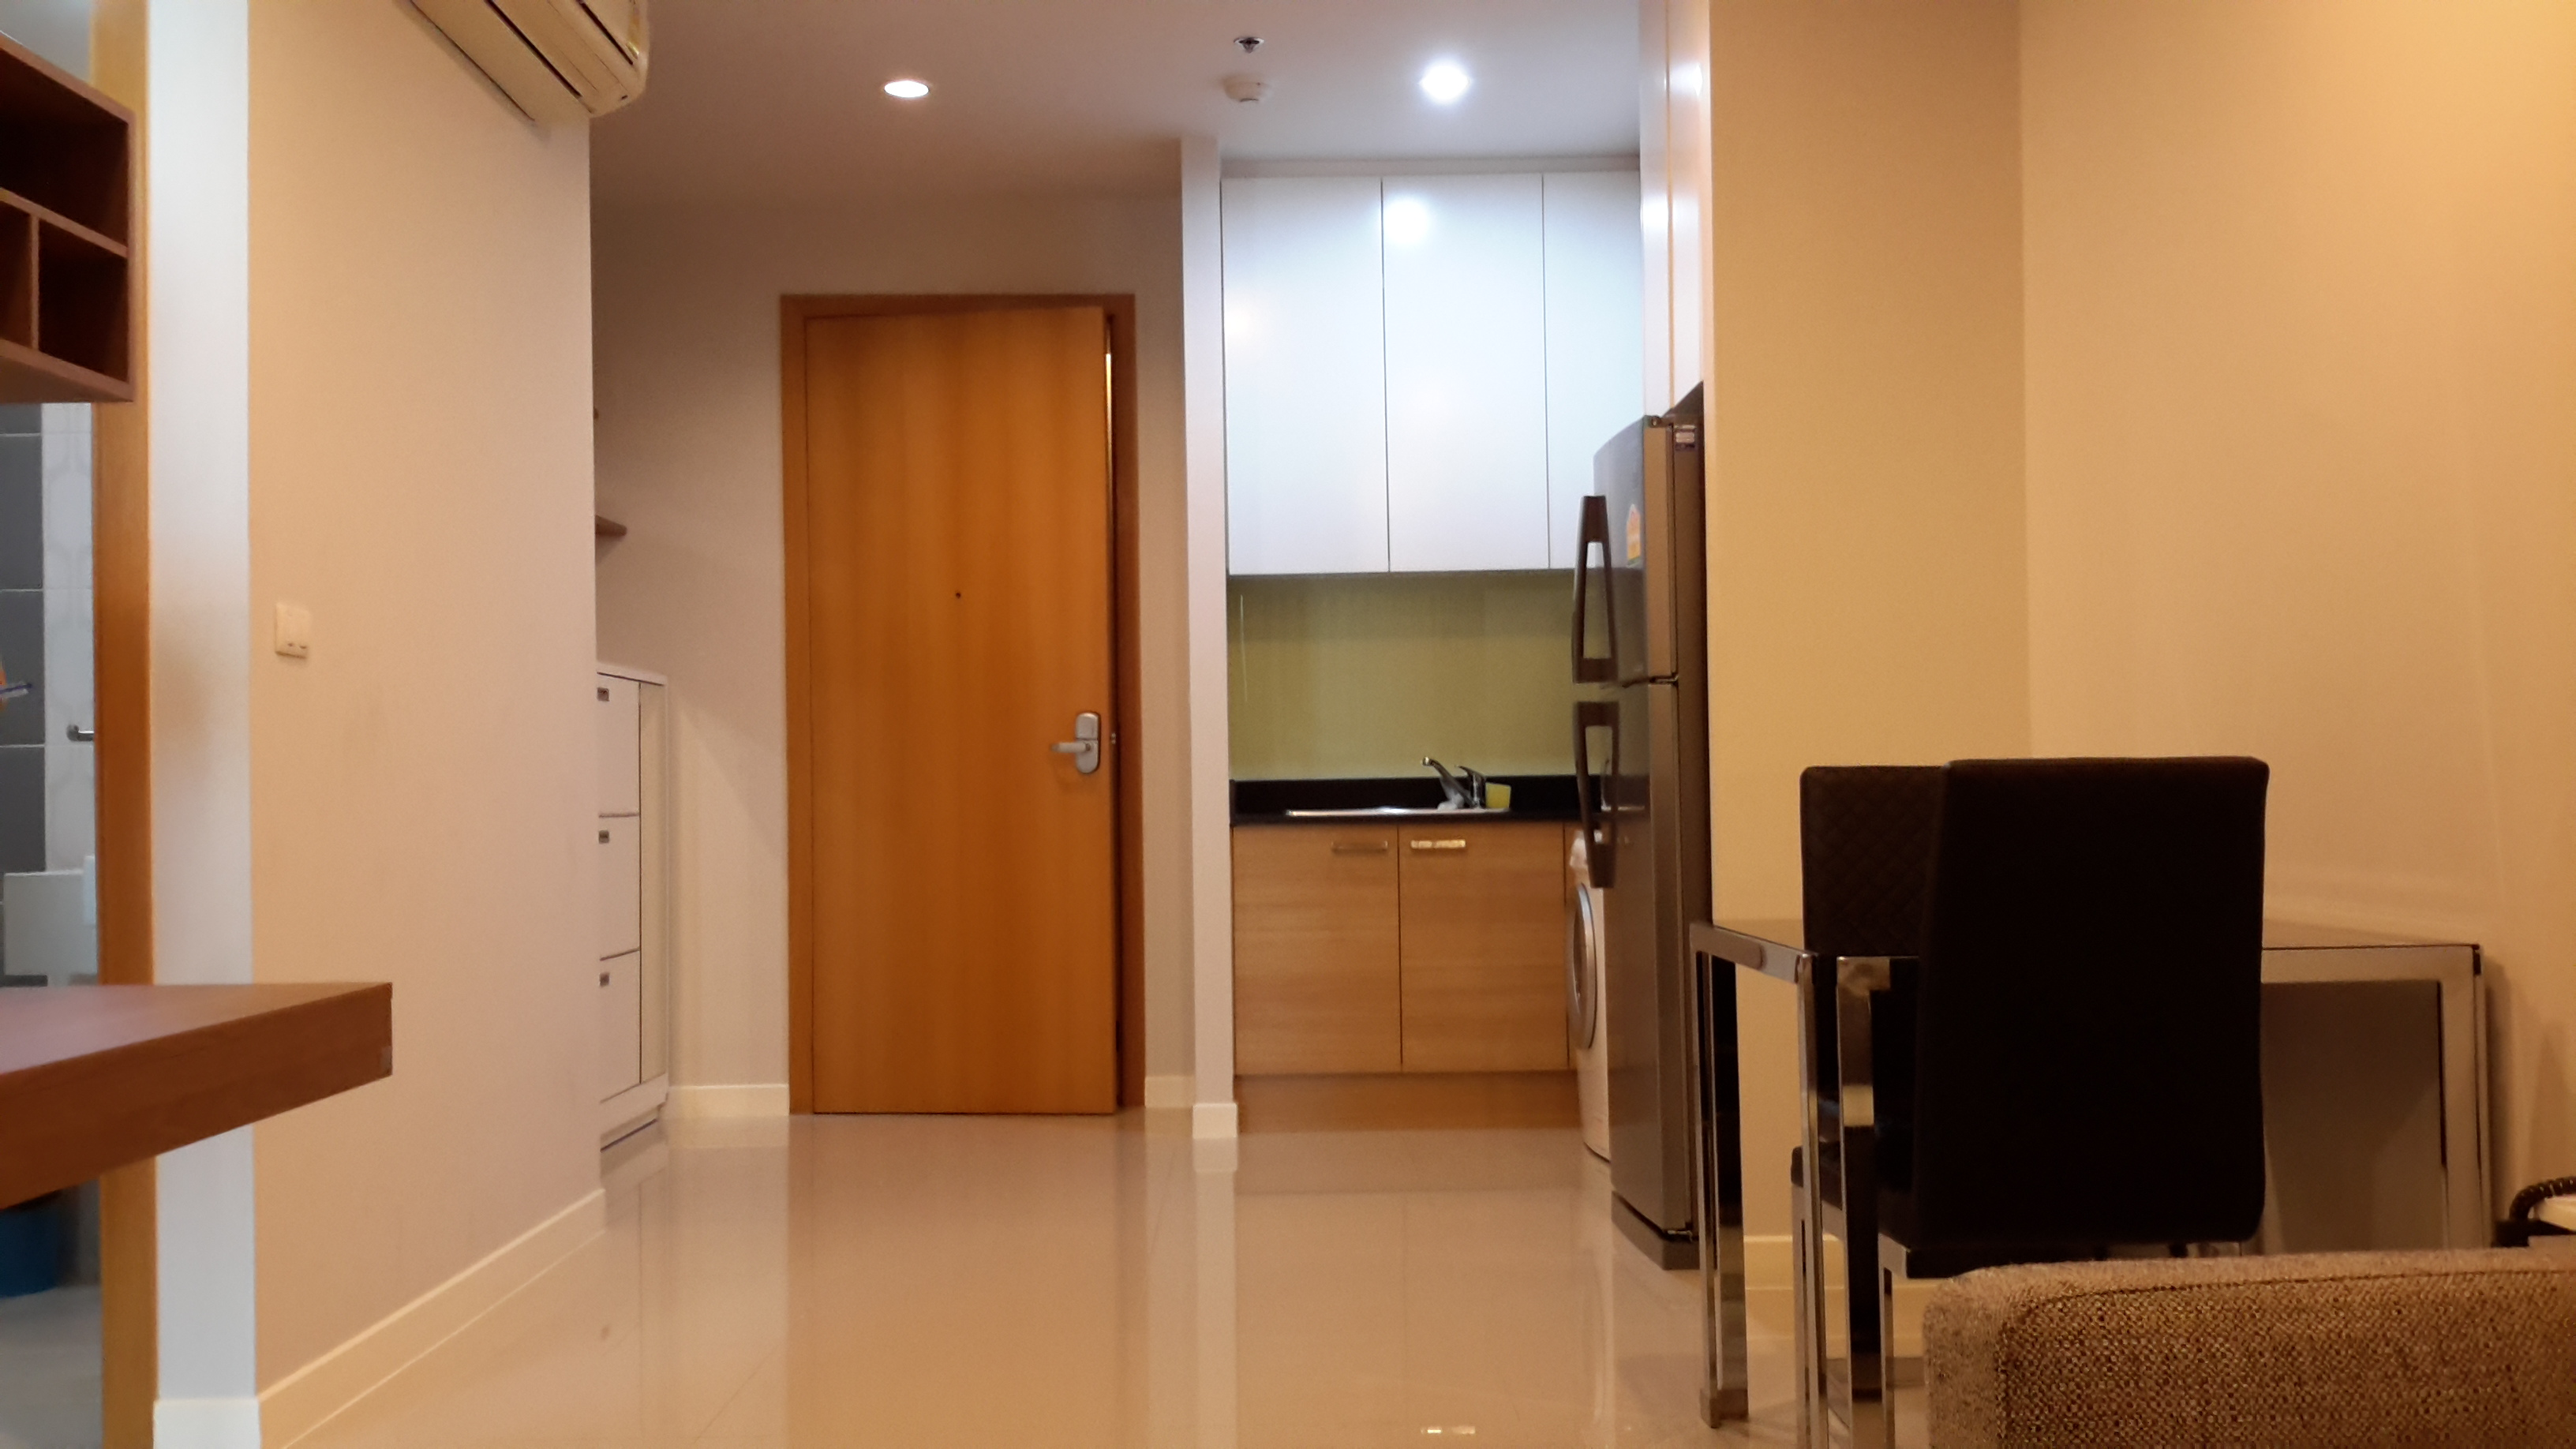 RE/MAX All Star Realty Agency's One Bedder (48sqm) at Circle Condo for Rent – walk to BTS Nana, ARL Makkasan, MRT Petchaburi 4